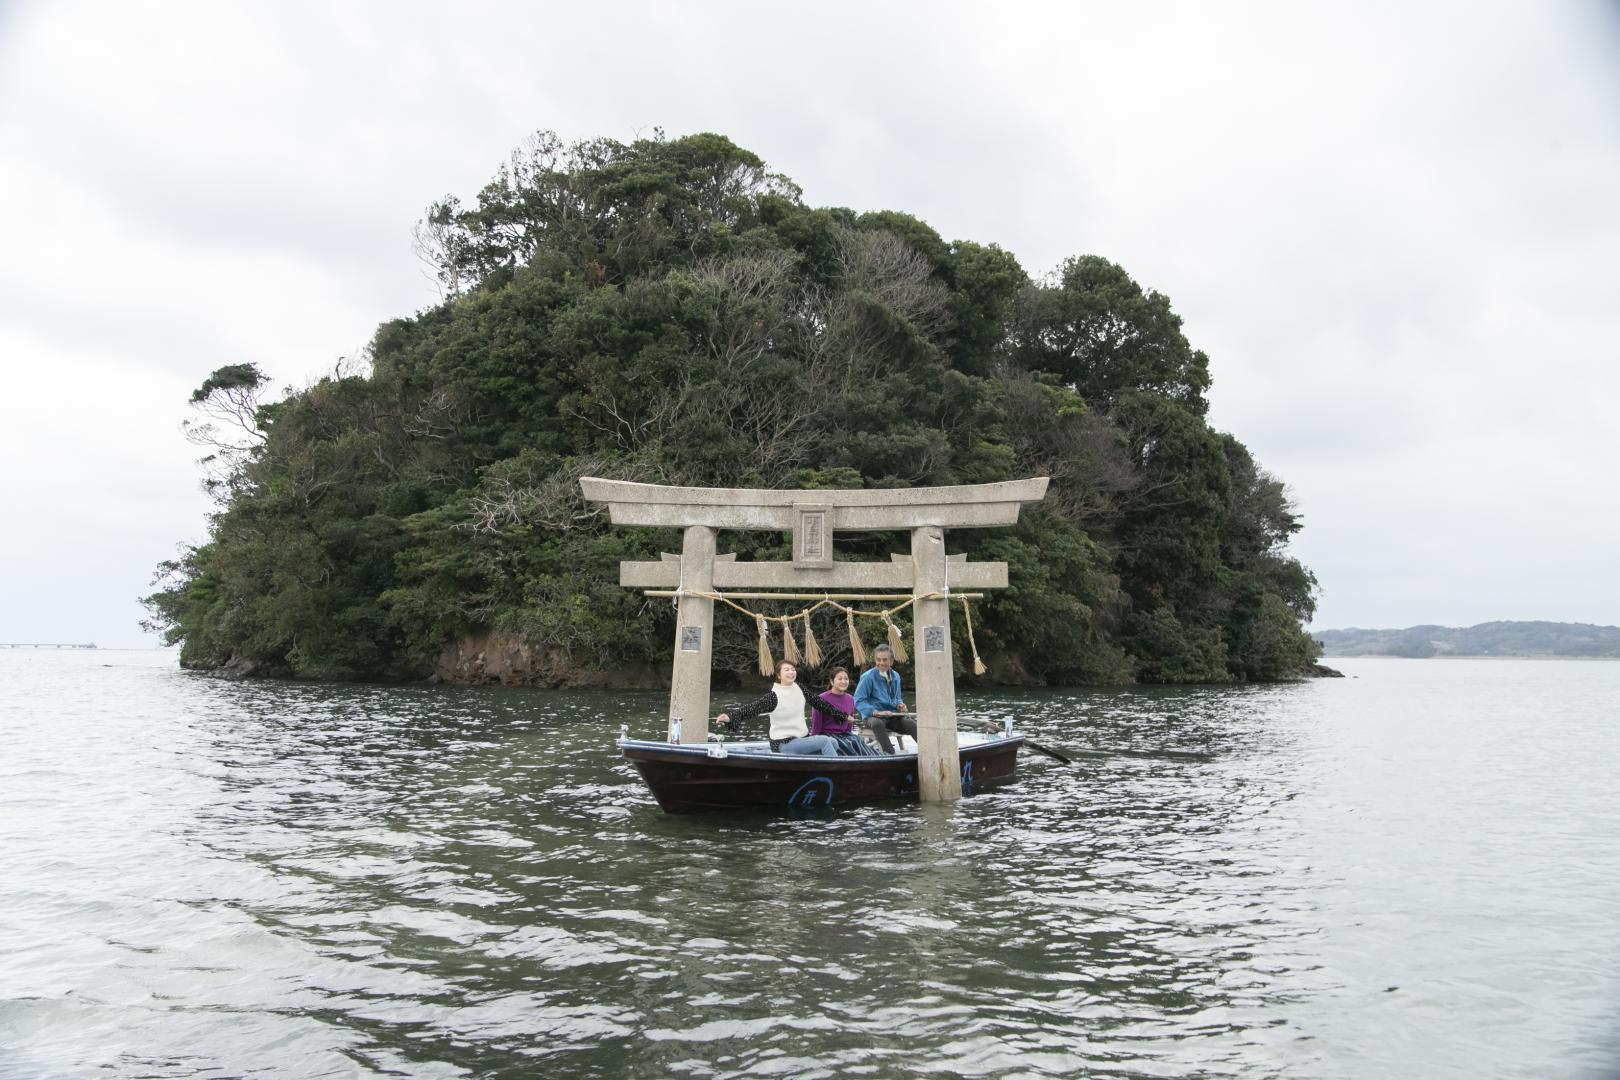 満潮時は「小島伝馬船」に乗って鳥居をくぐろう!-1